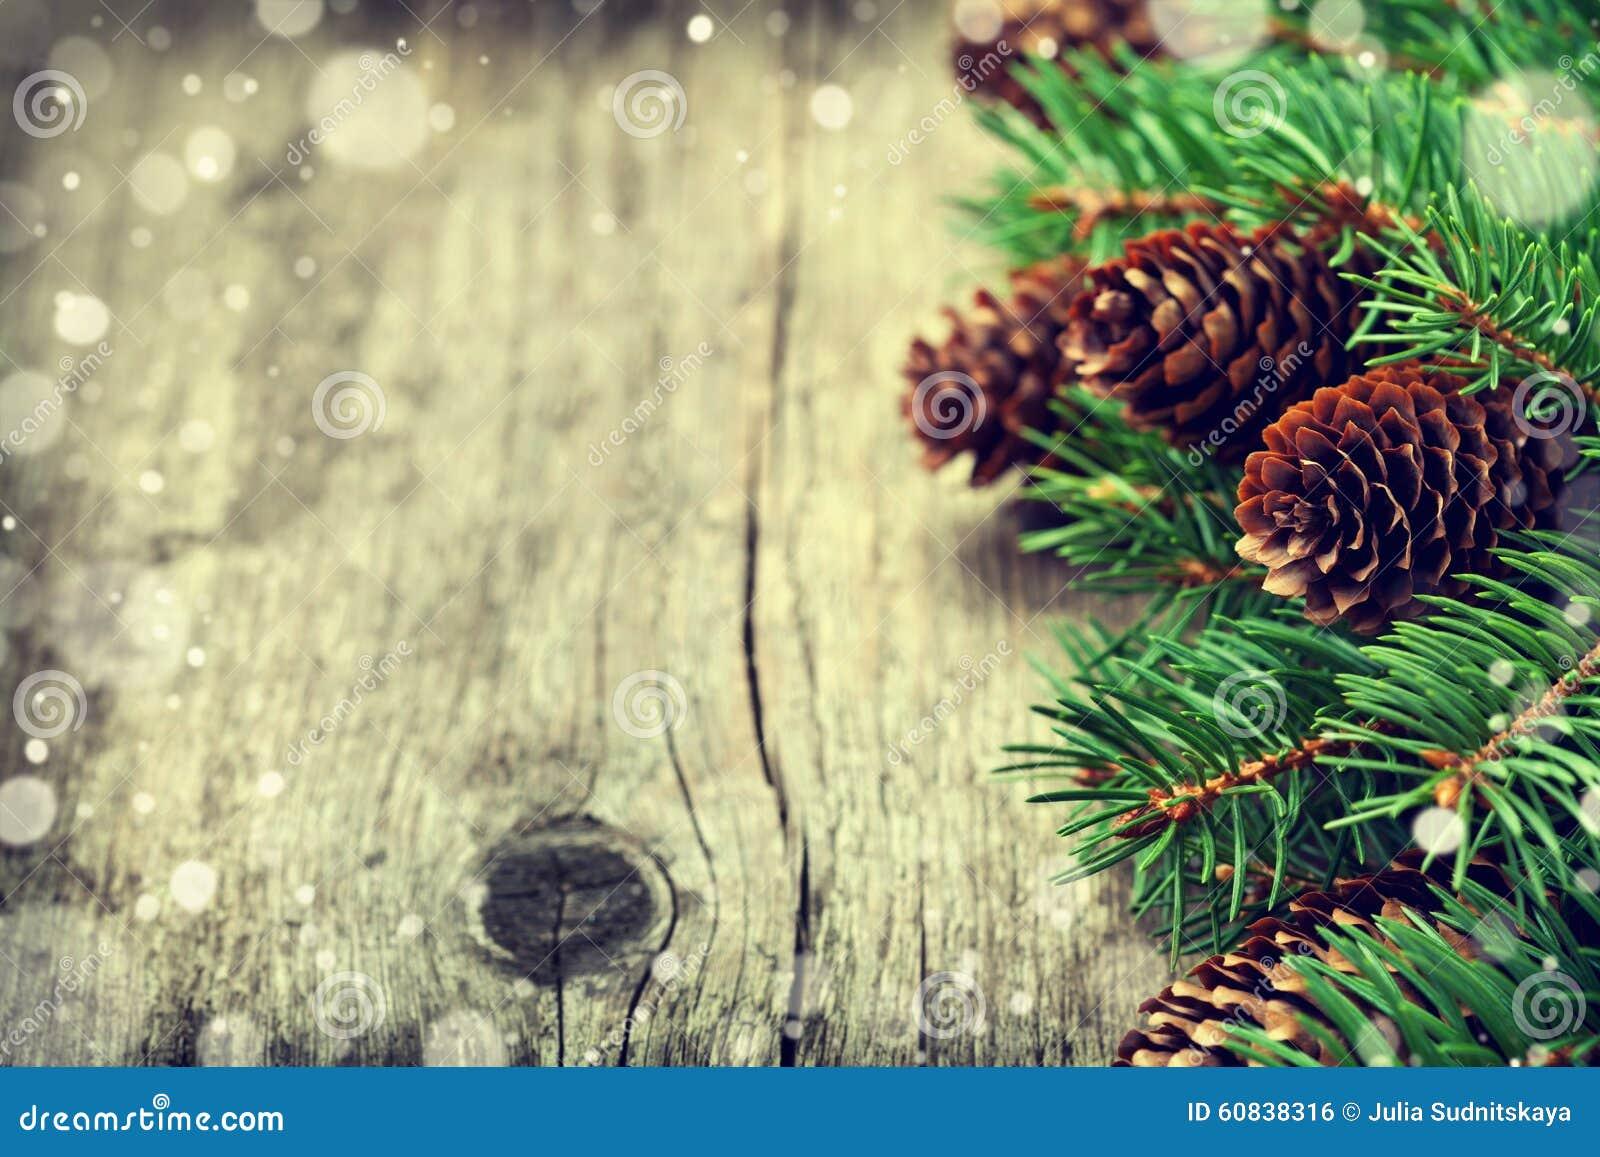 Cartão de Natal da árvore de abeto e do cone das coníferas no fundo de madeira rústico